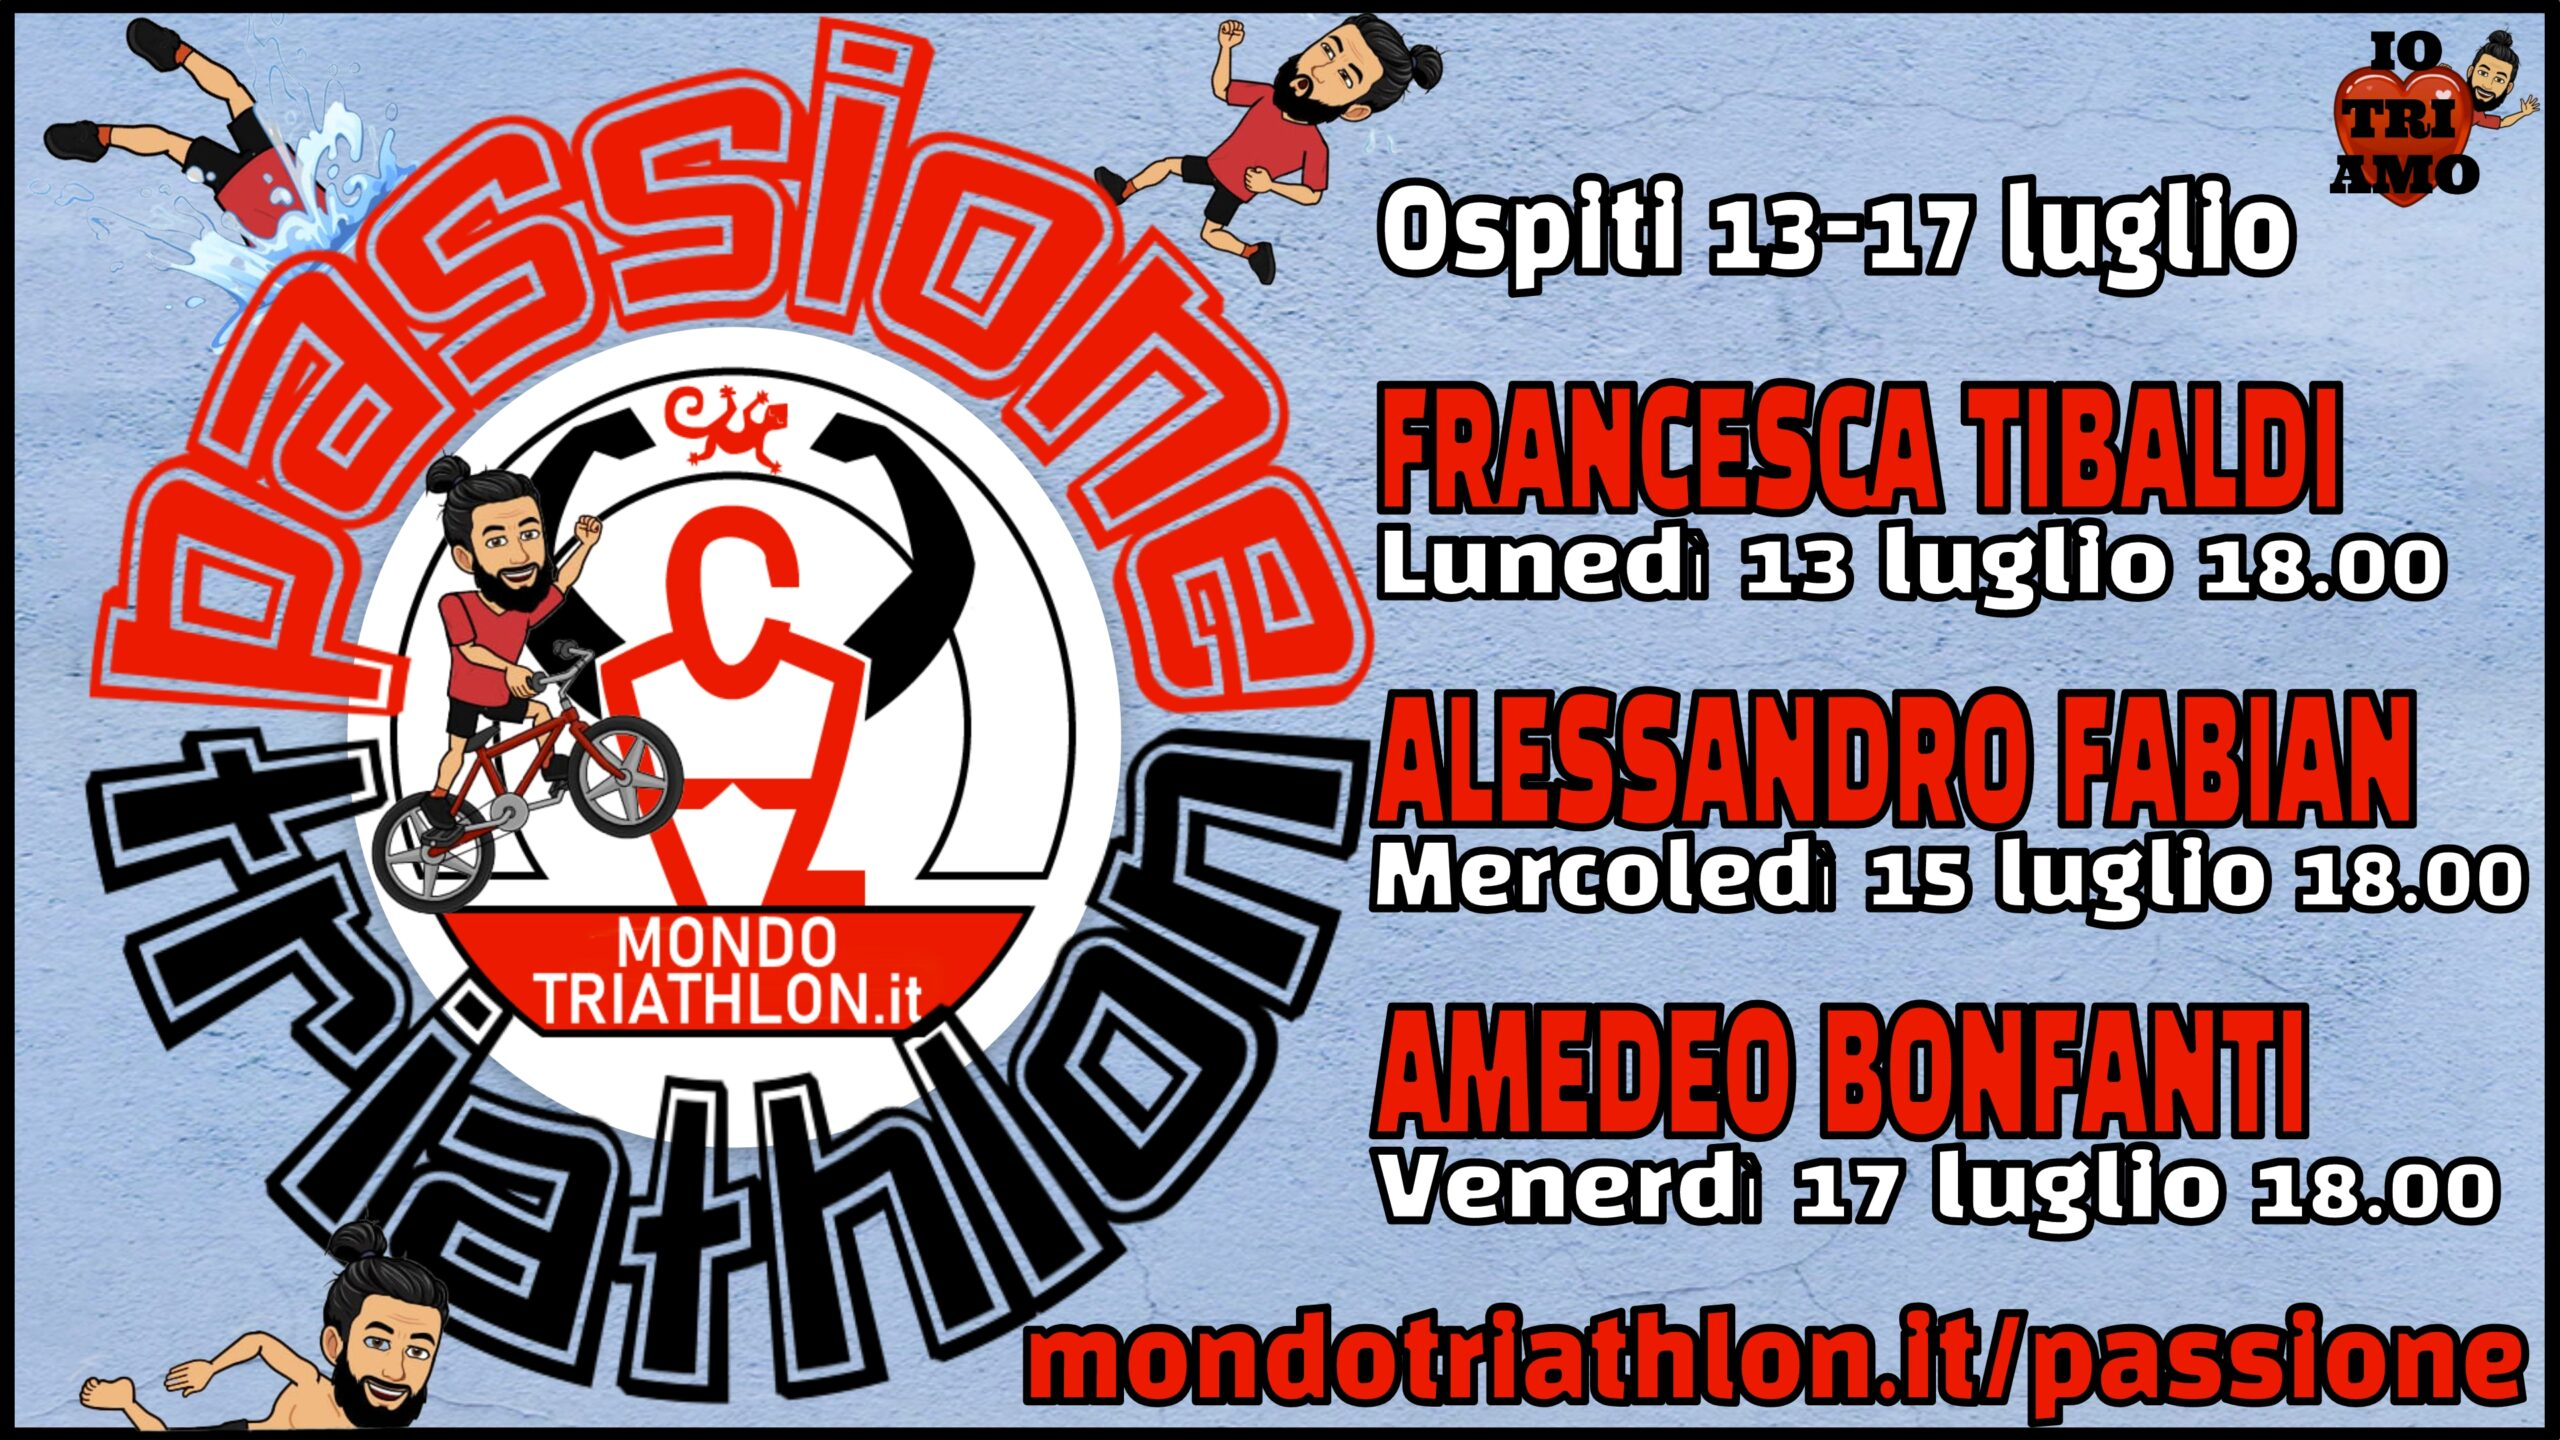 Passione Triathlon, il palinsesto dal 6 al 10 luglio 2020, con Francesca Tibaldi, Alessandro Fabian e Amedeo Bonfanti